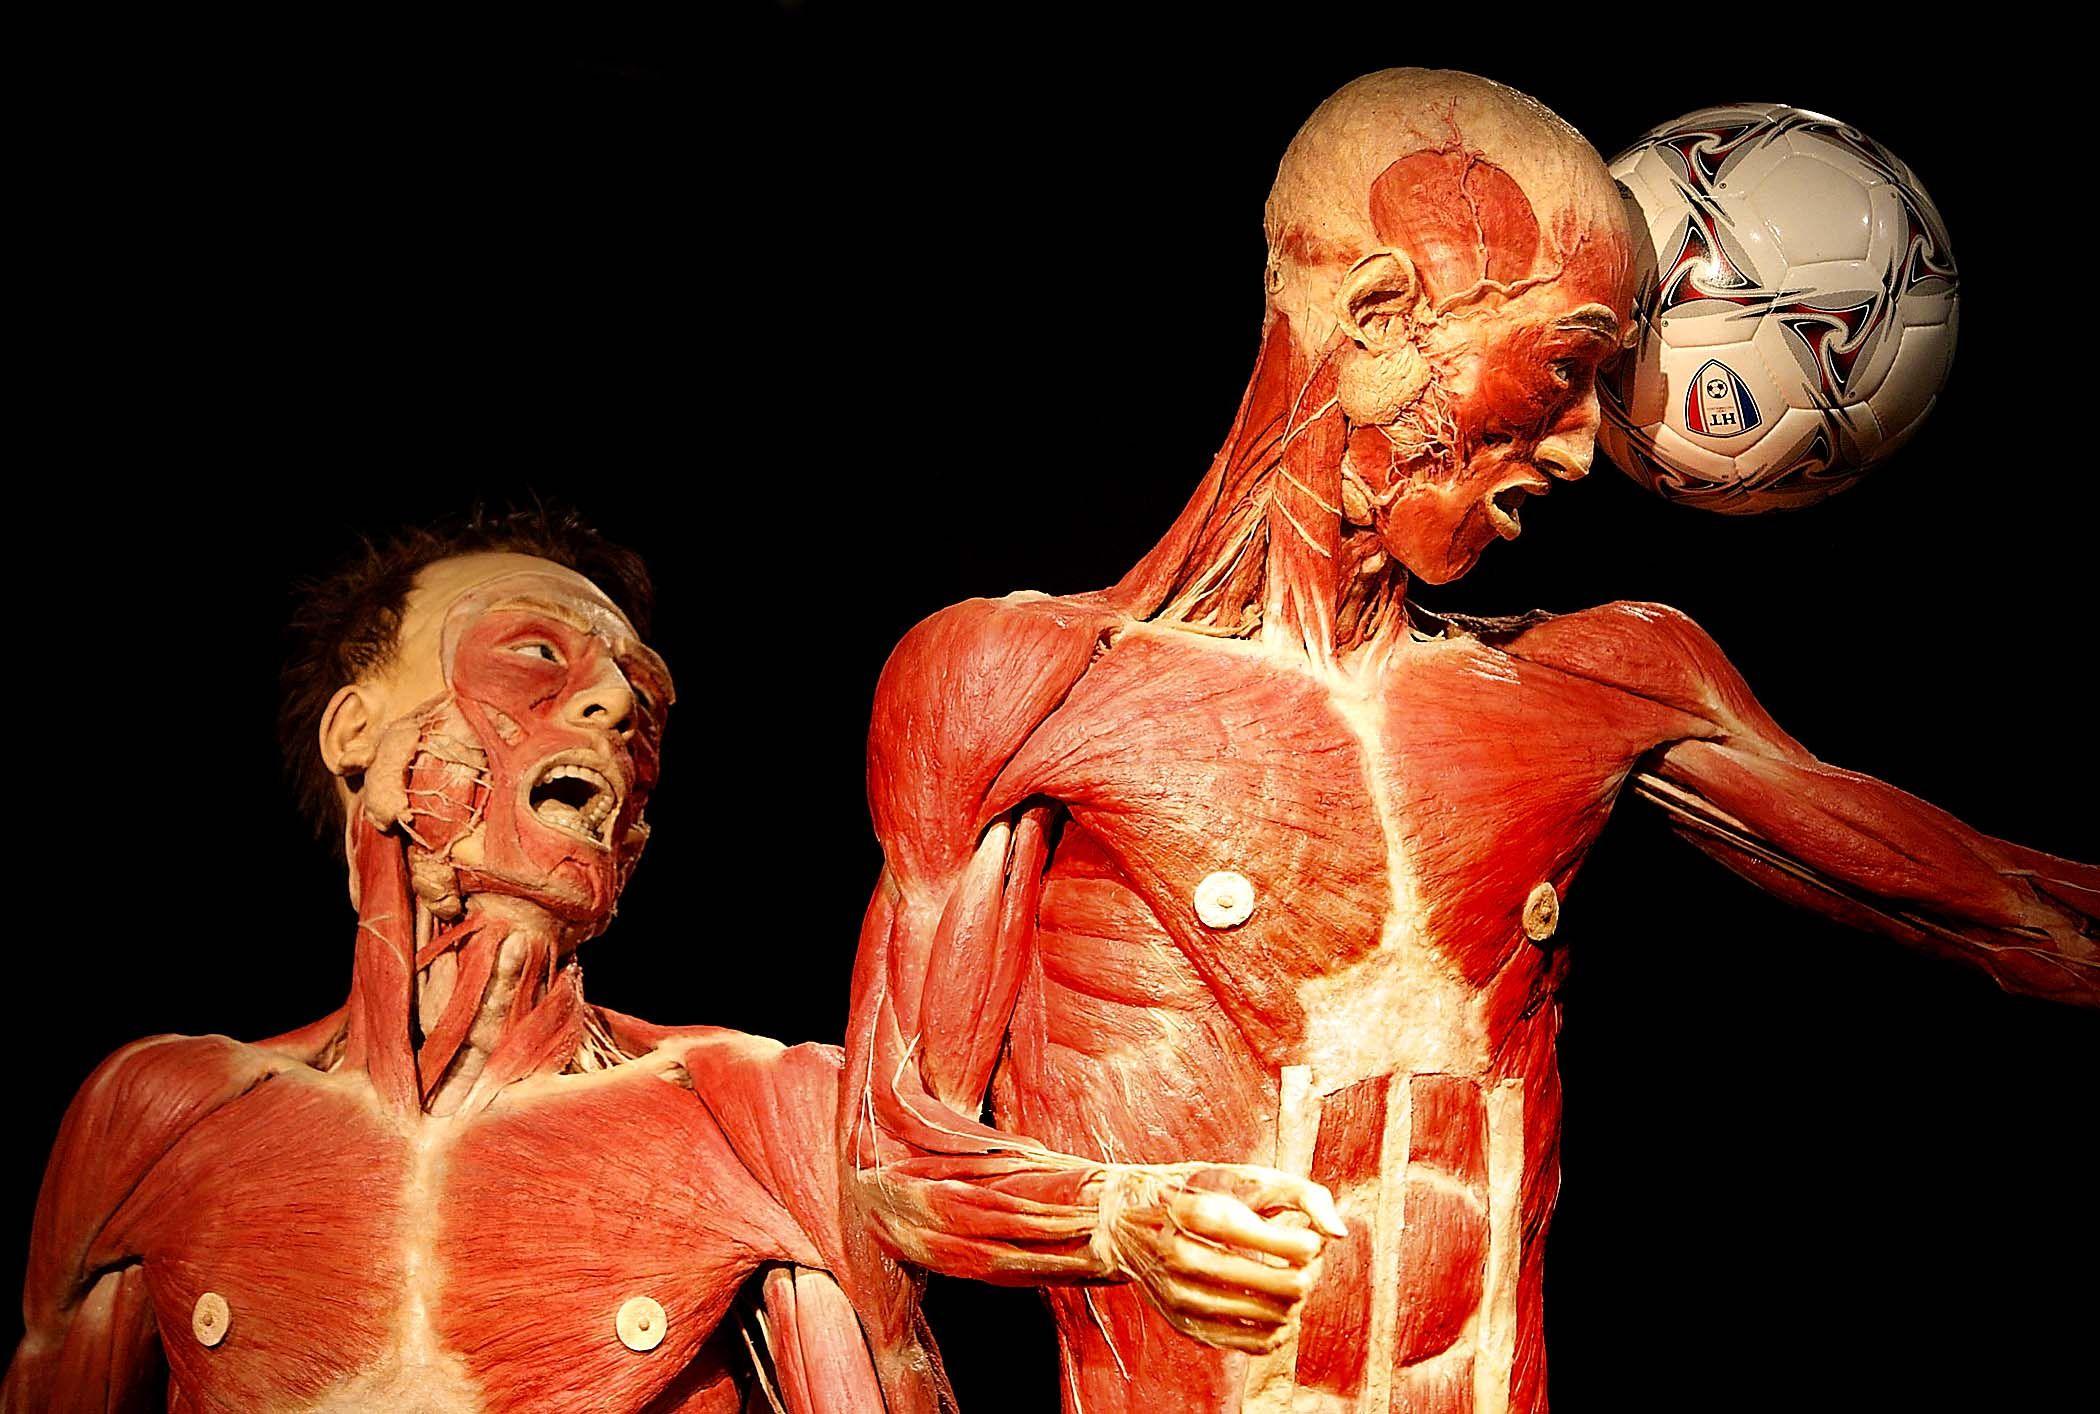 body works | Human Anatomy | Pinterest | Body works, Bodies and Anatomy